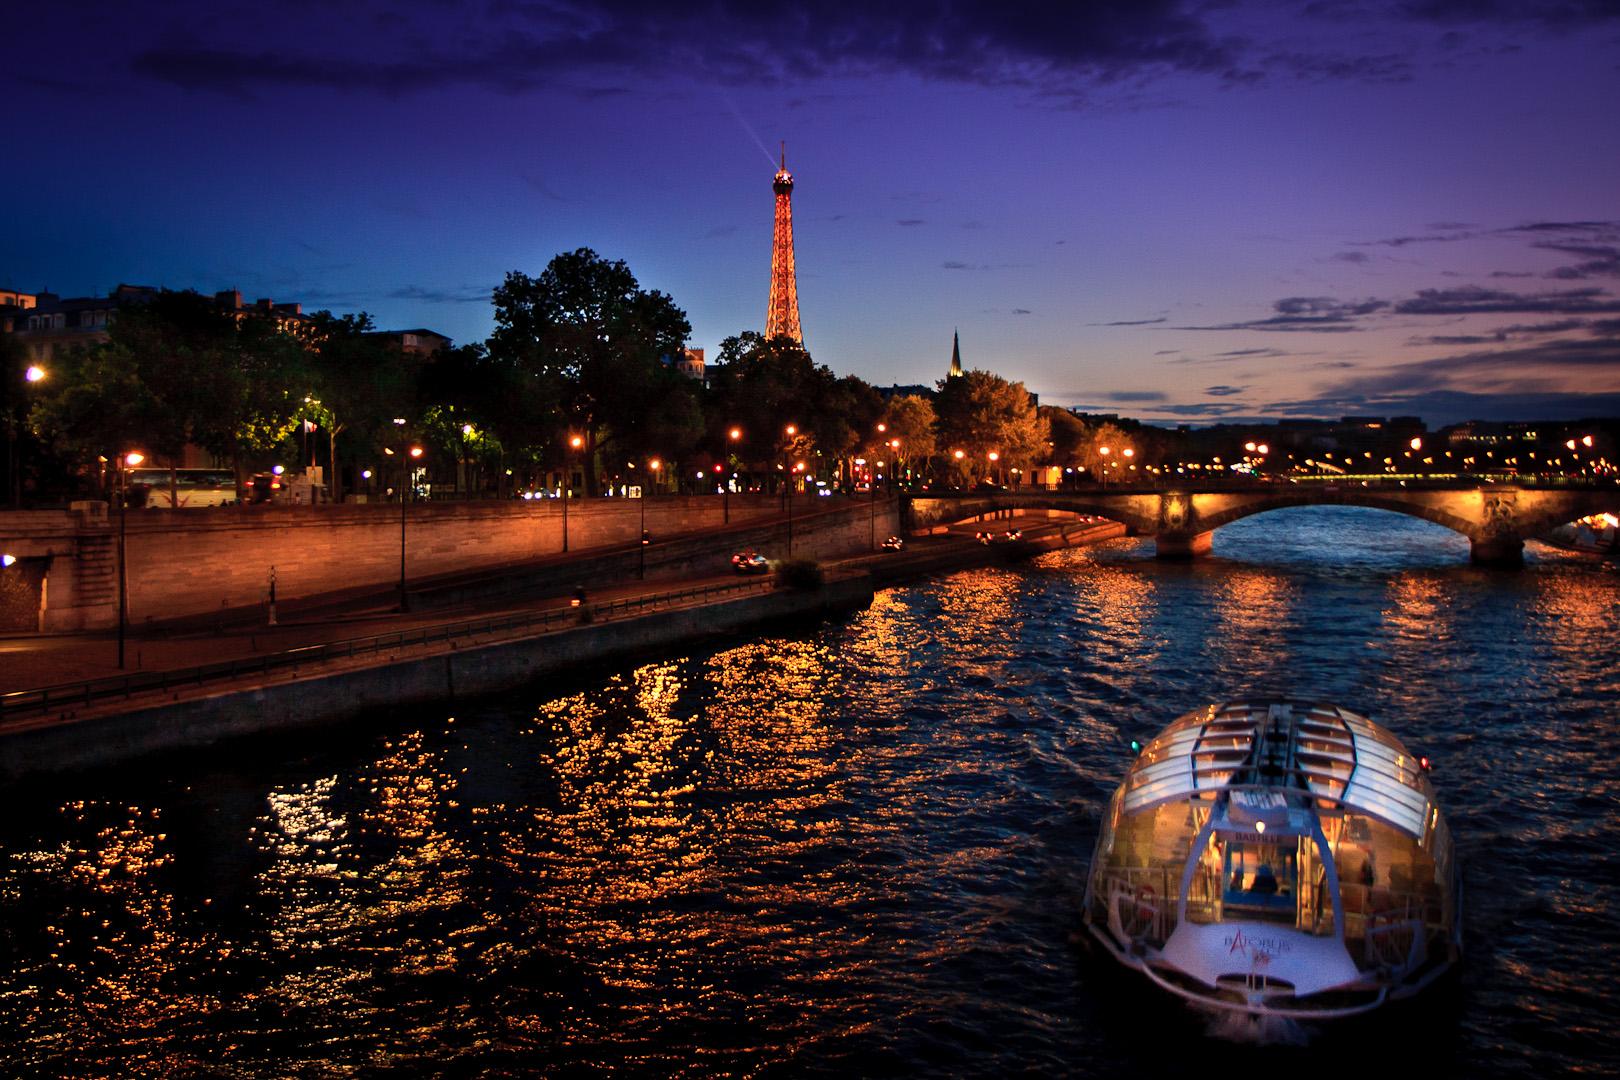 считается, что река сена ночью фото юбки очень теплые